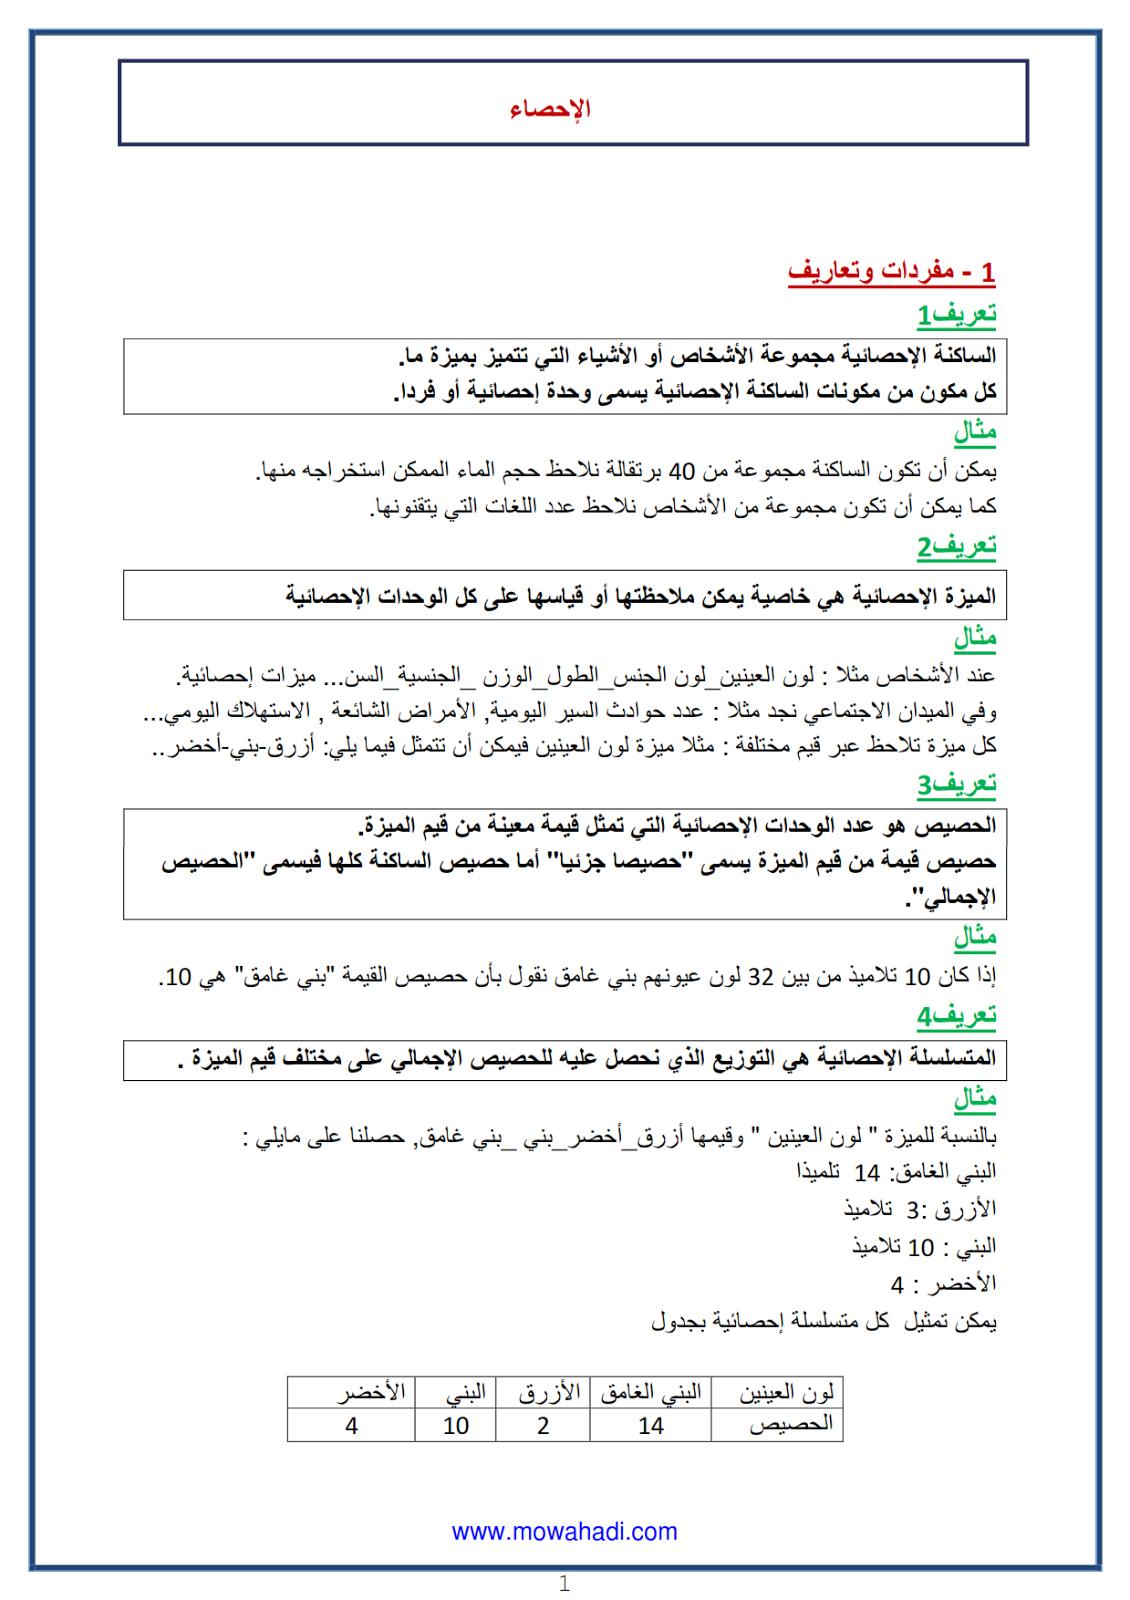 الاحصاء 1